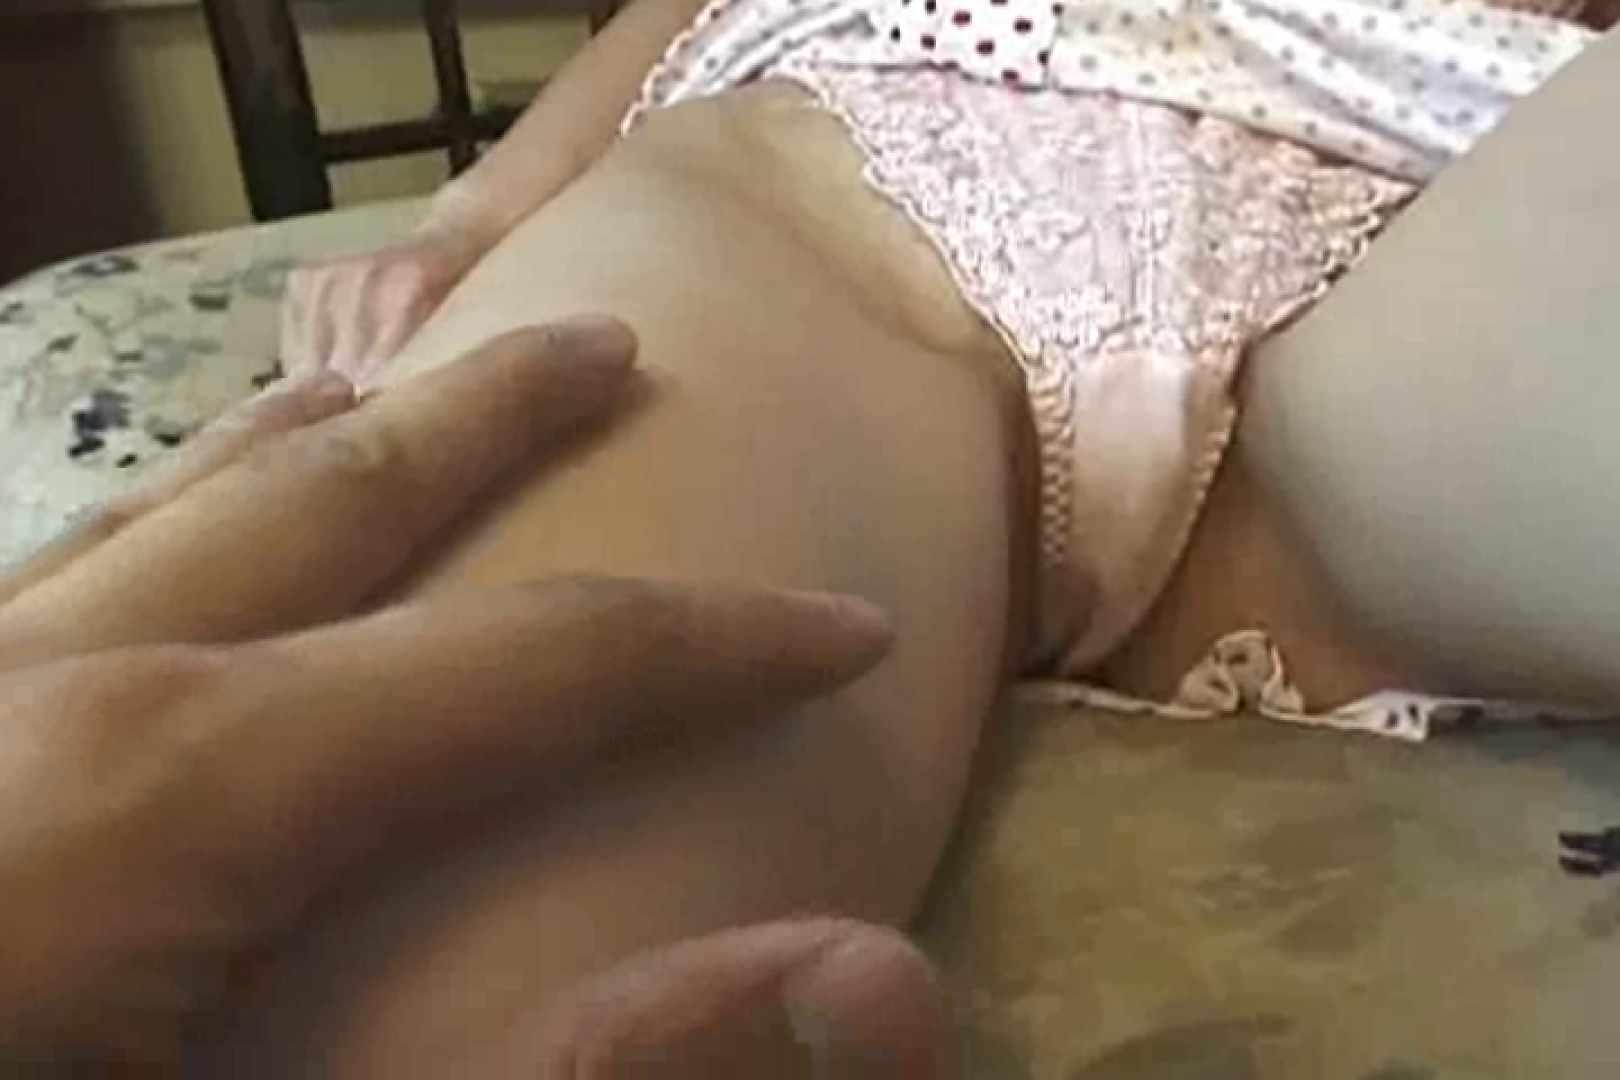 仁義なきキンタマ 伊藤孝一のアルバム カップル  57PIX 38